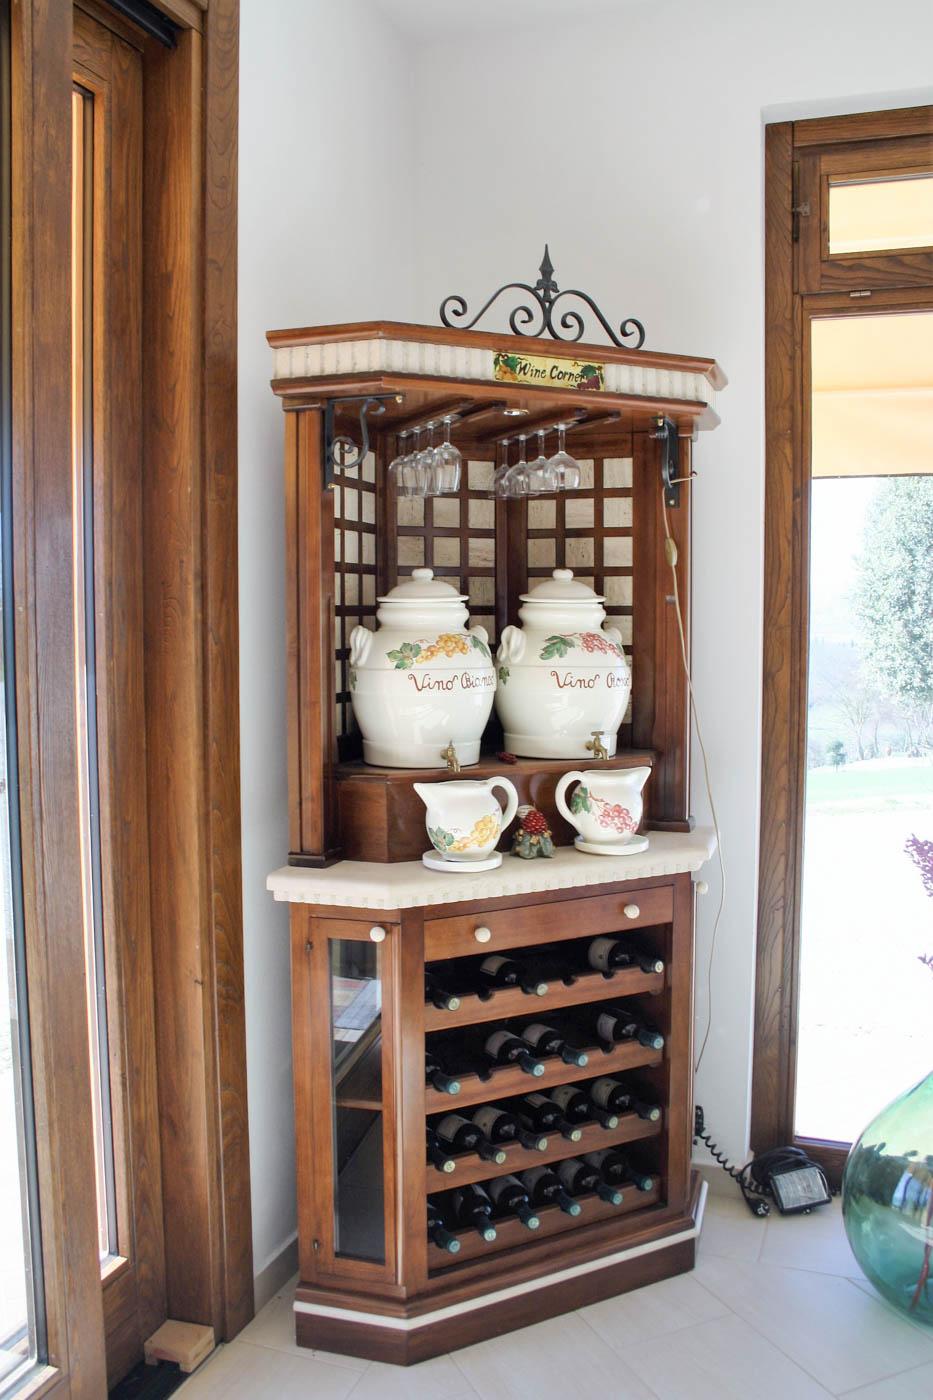 Espositori per bottiglie di vino - Cantinetta vini ikea ...